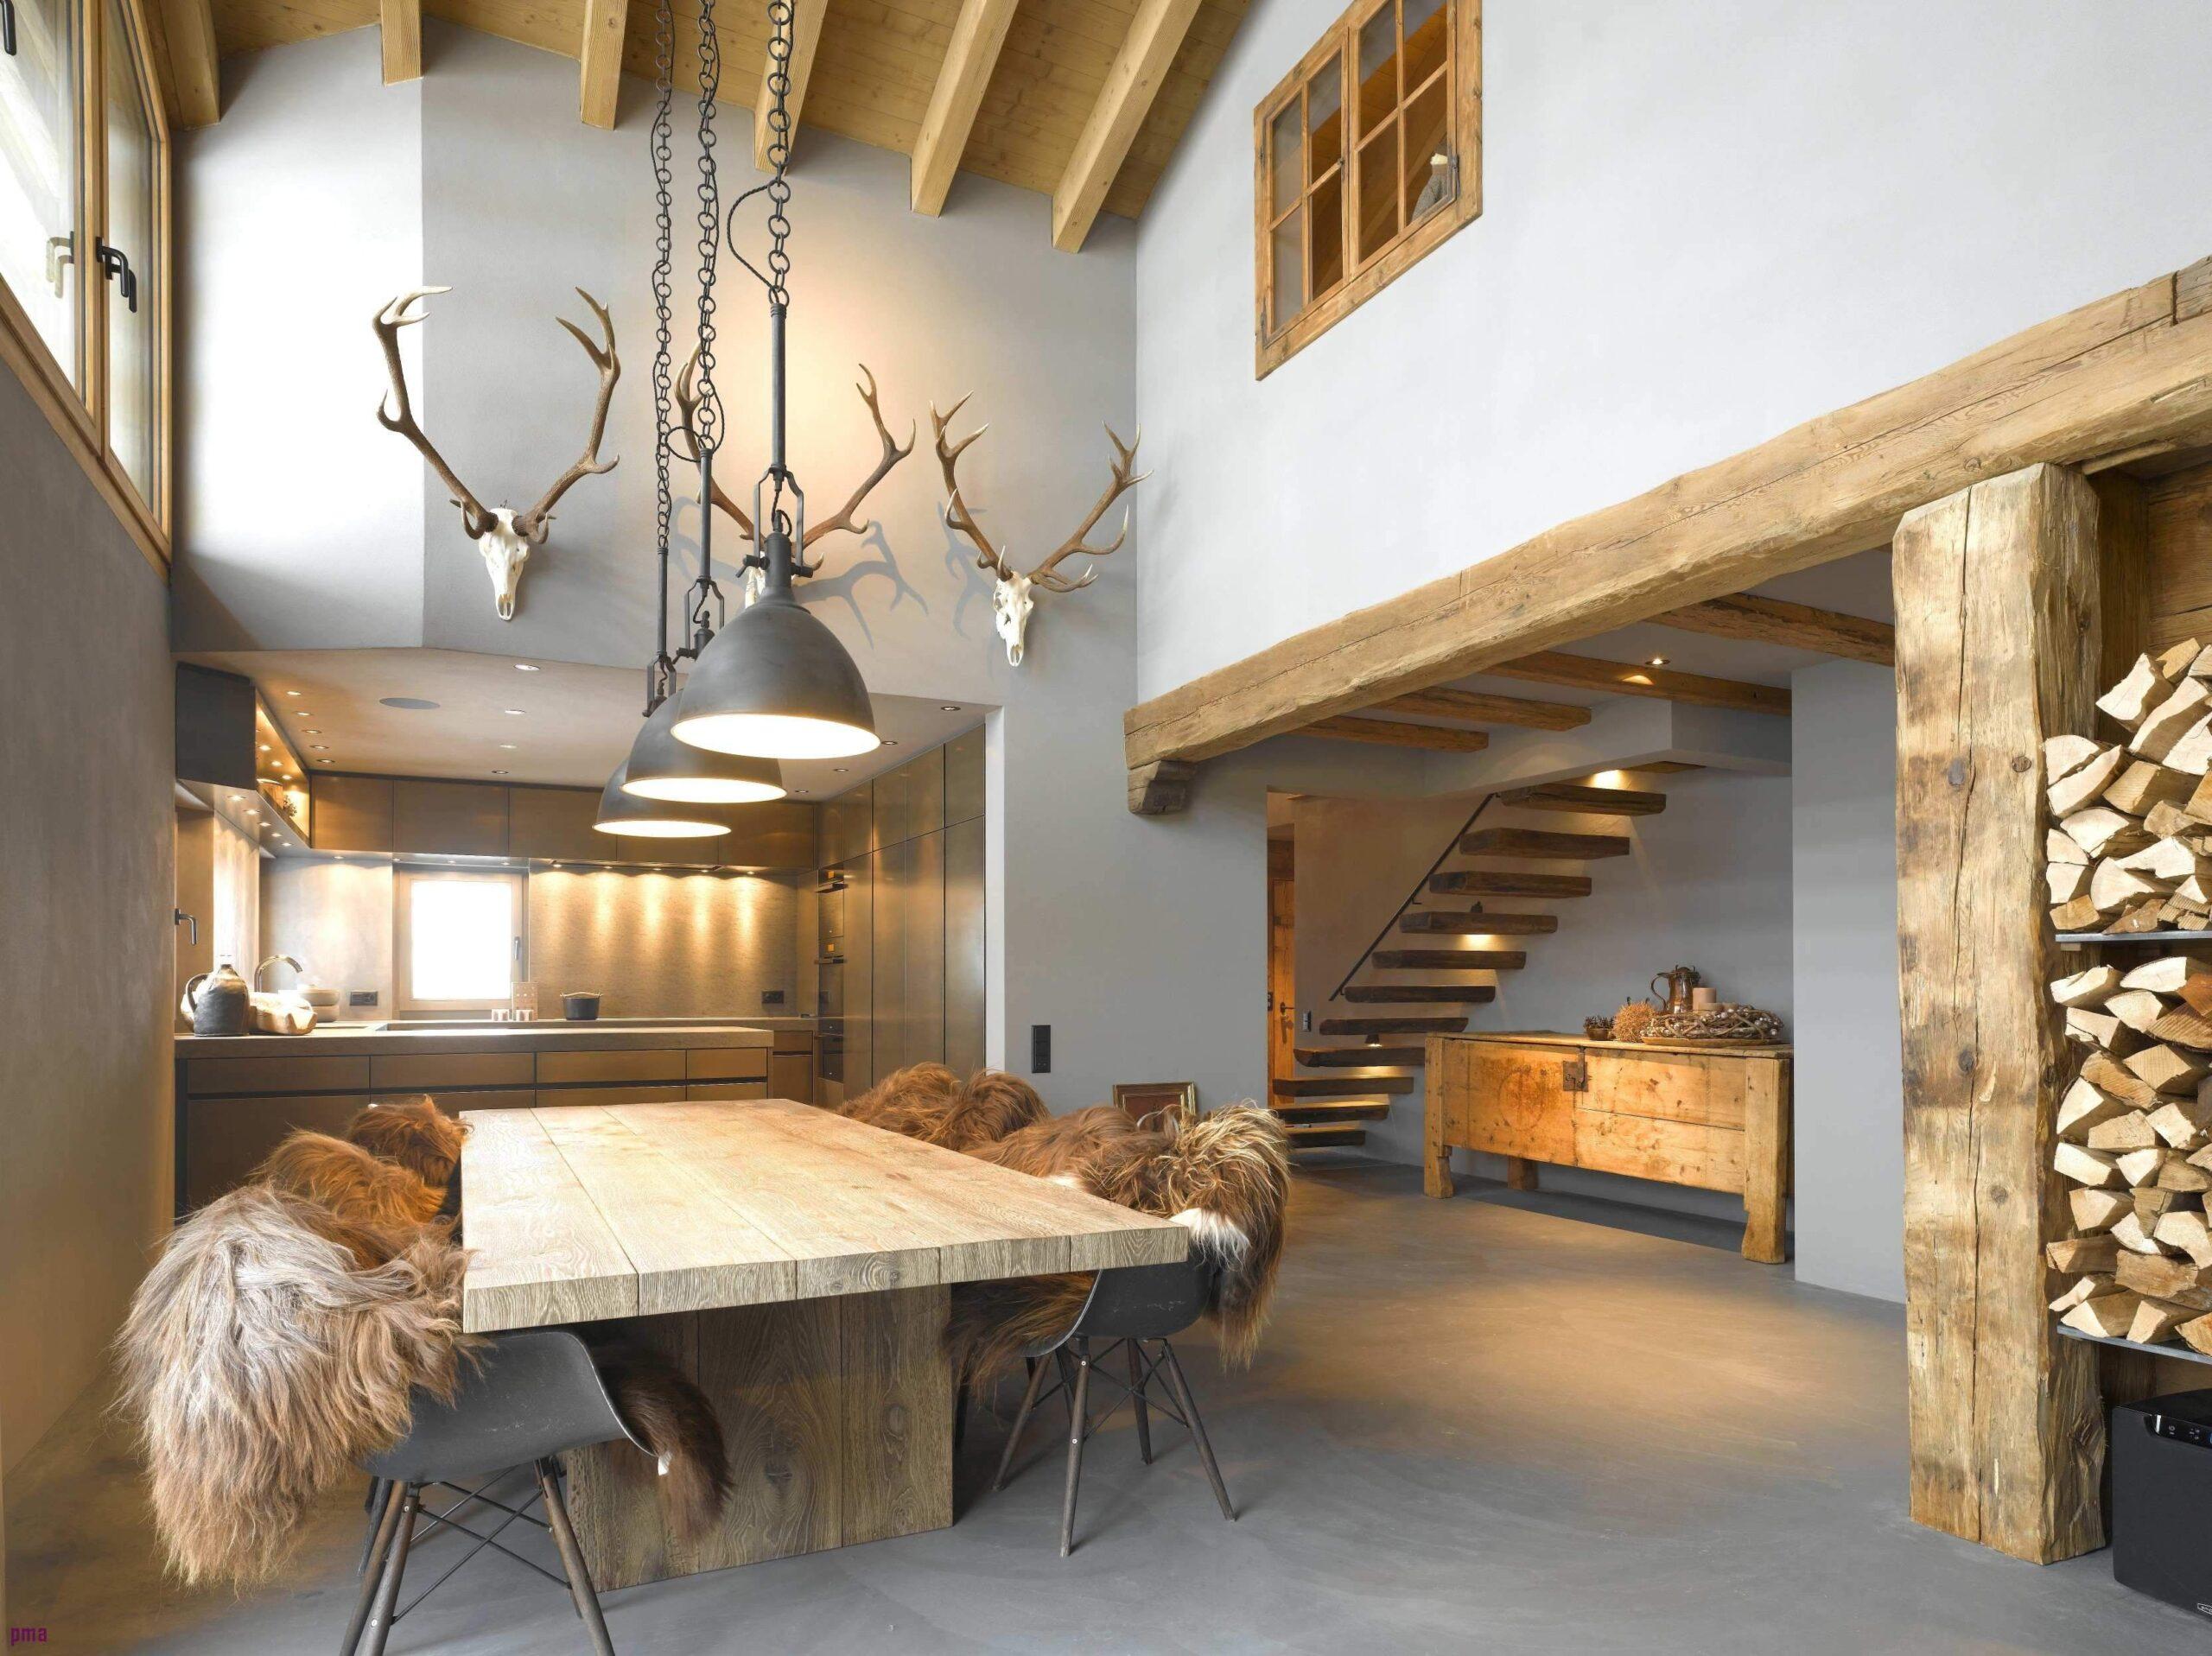 Full Size of Wanddeko Wohnzimmer Metall Modern Ebay Holz Ikea Diy Ideen Amazon Bilder Selber Machen Silber Einzigartig 53 Frisch Wanddekoration Deckenlampen Indirekte Wohnzimmer Wanddeko Wohnzimmer